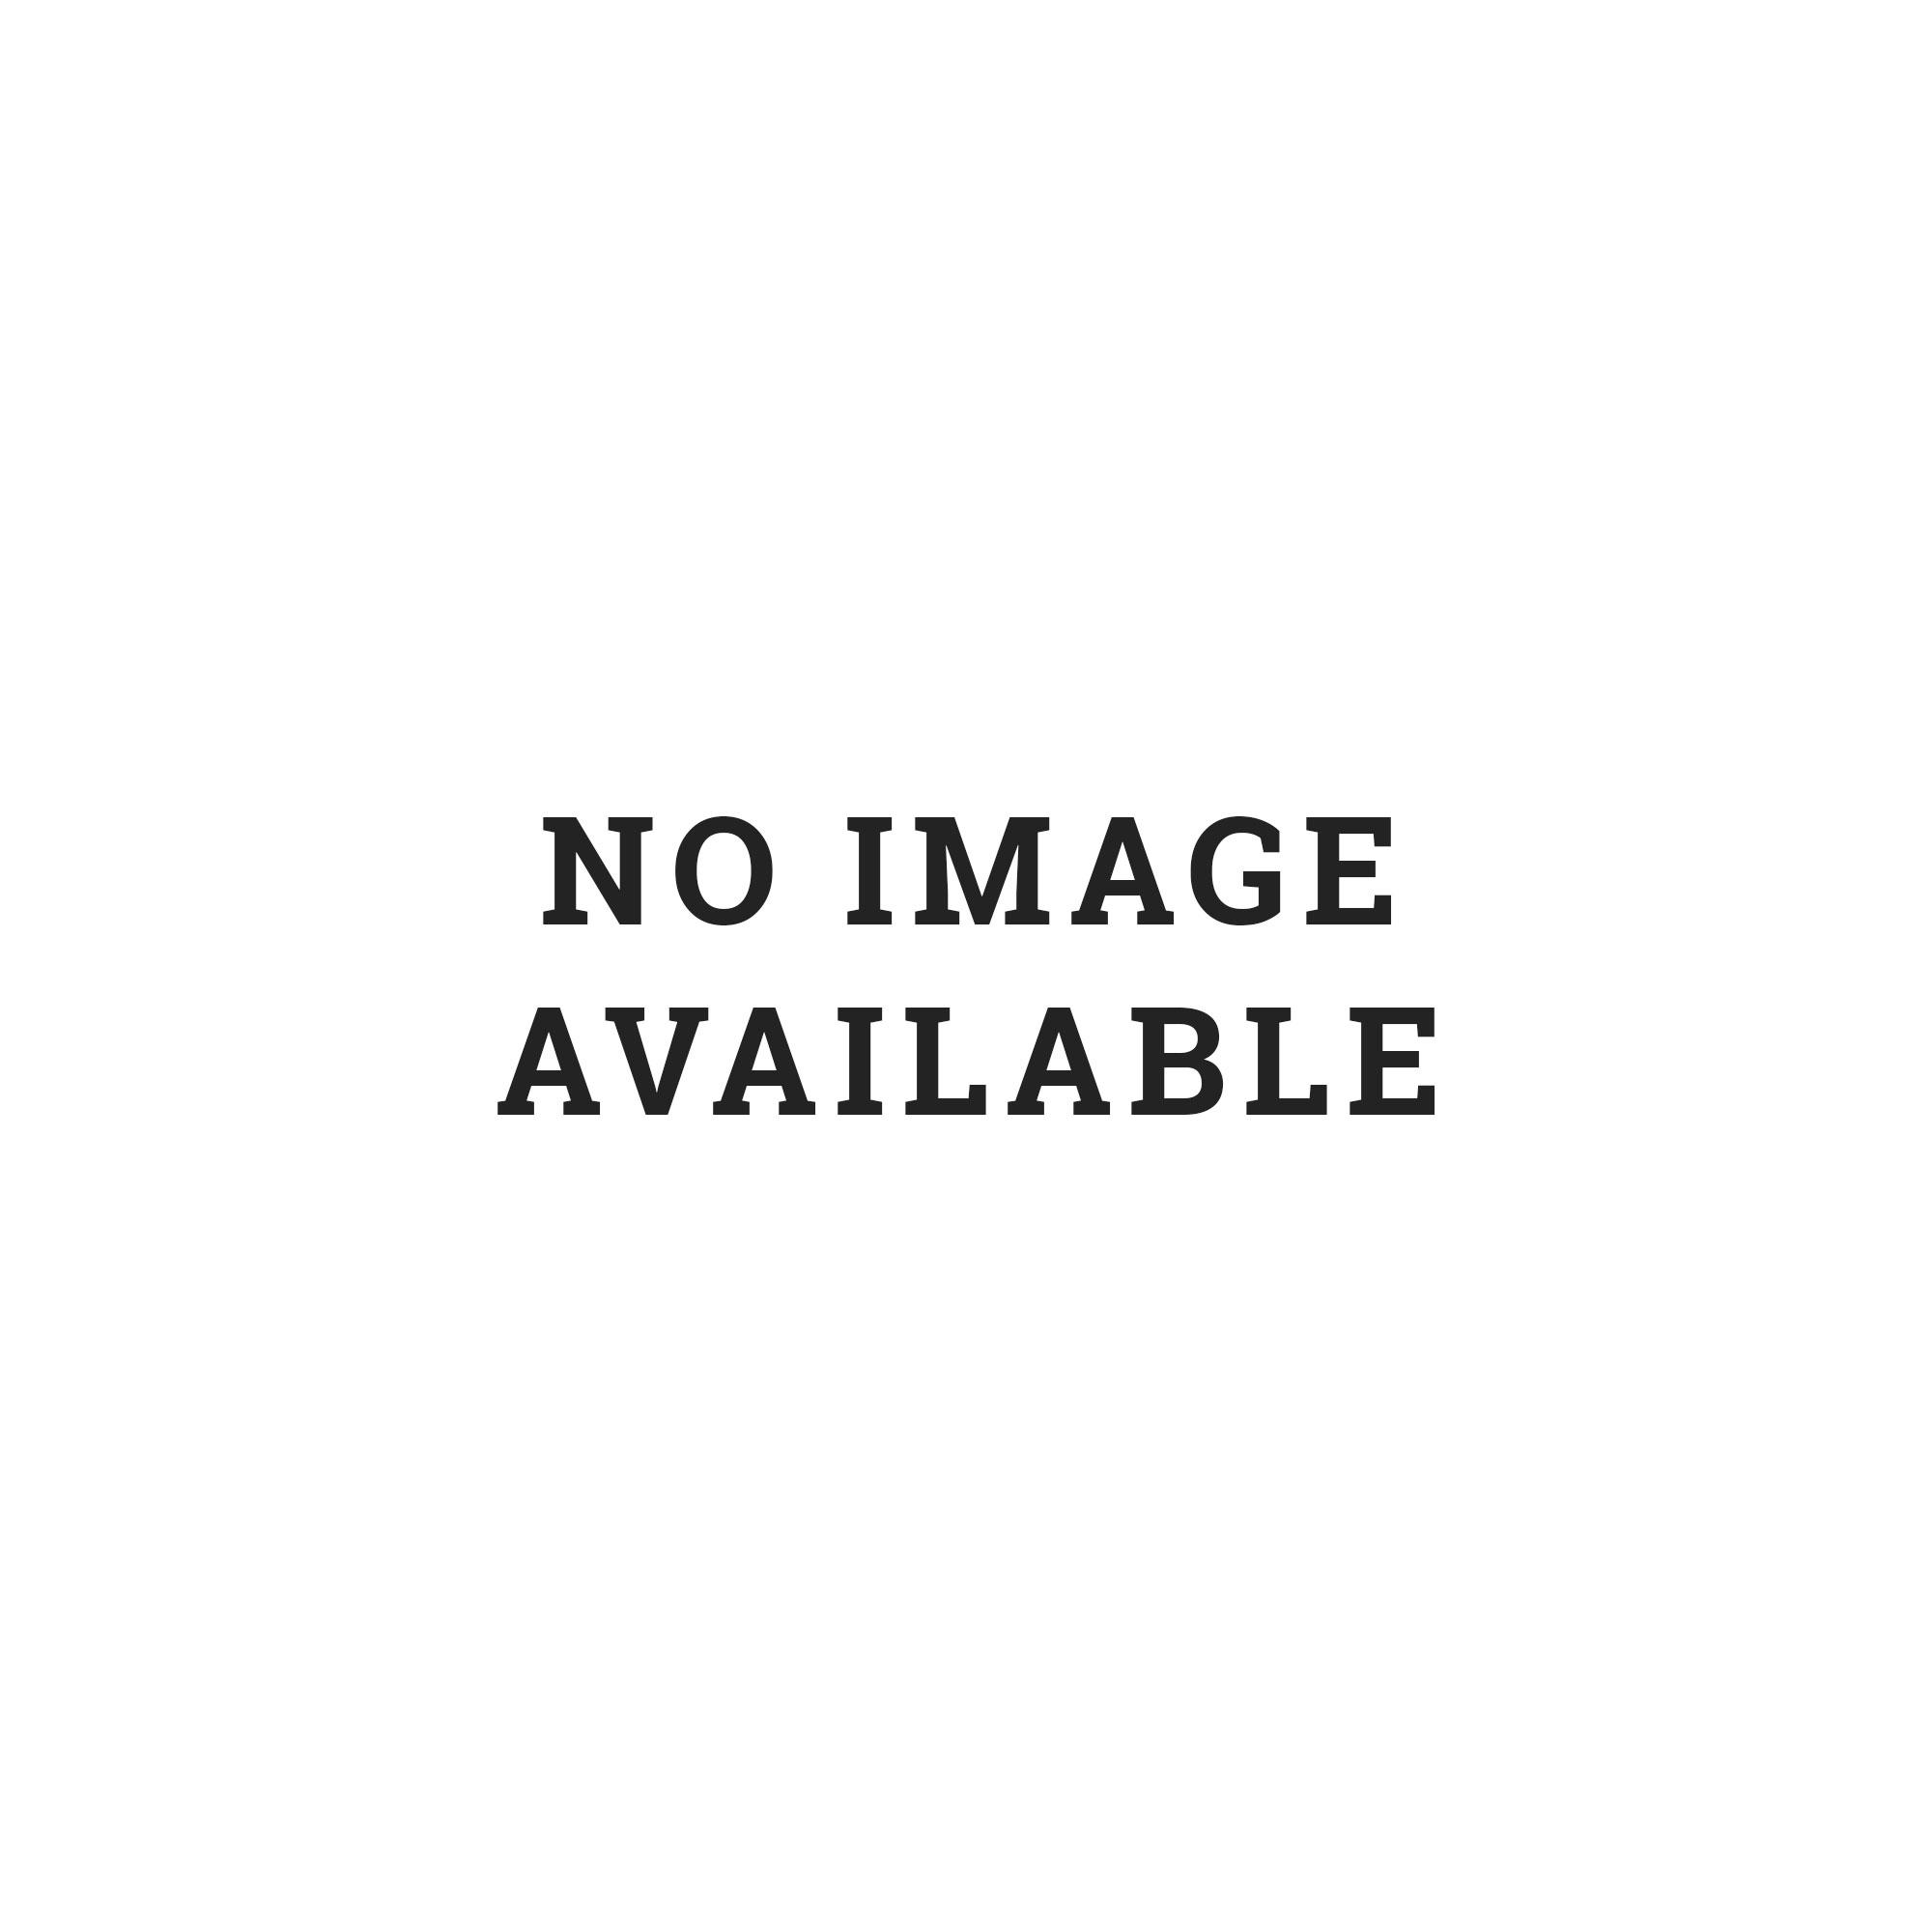 a9f9067713bc49 Vans Authentic VN-0 SCQ80J Unisex Canvas 5-Eyelet Skate Shoes - Malibu Blue